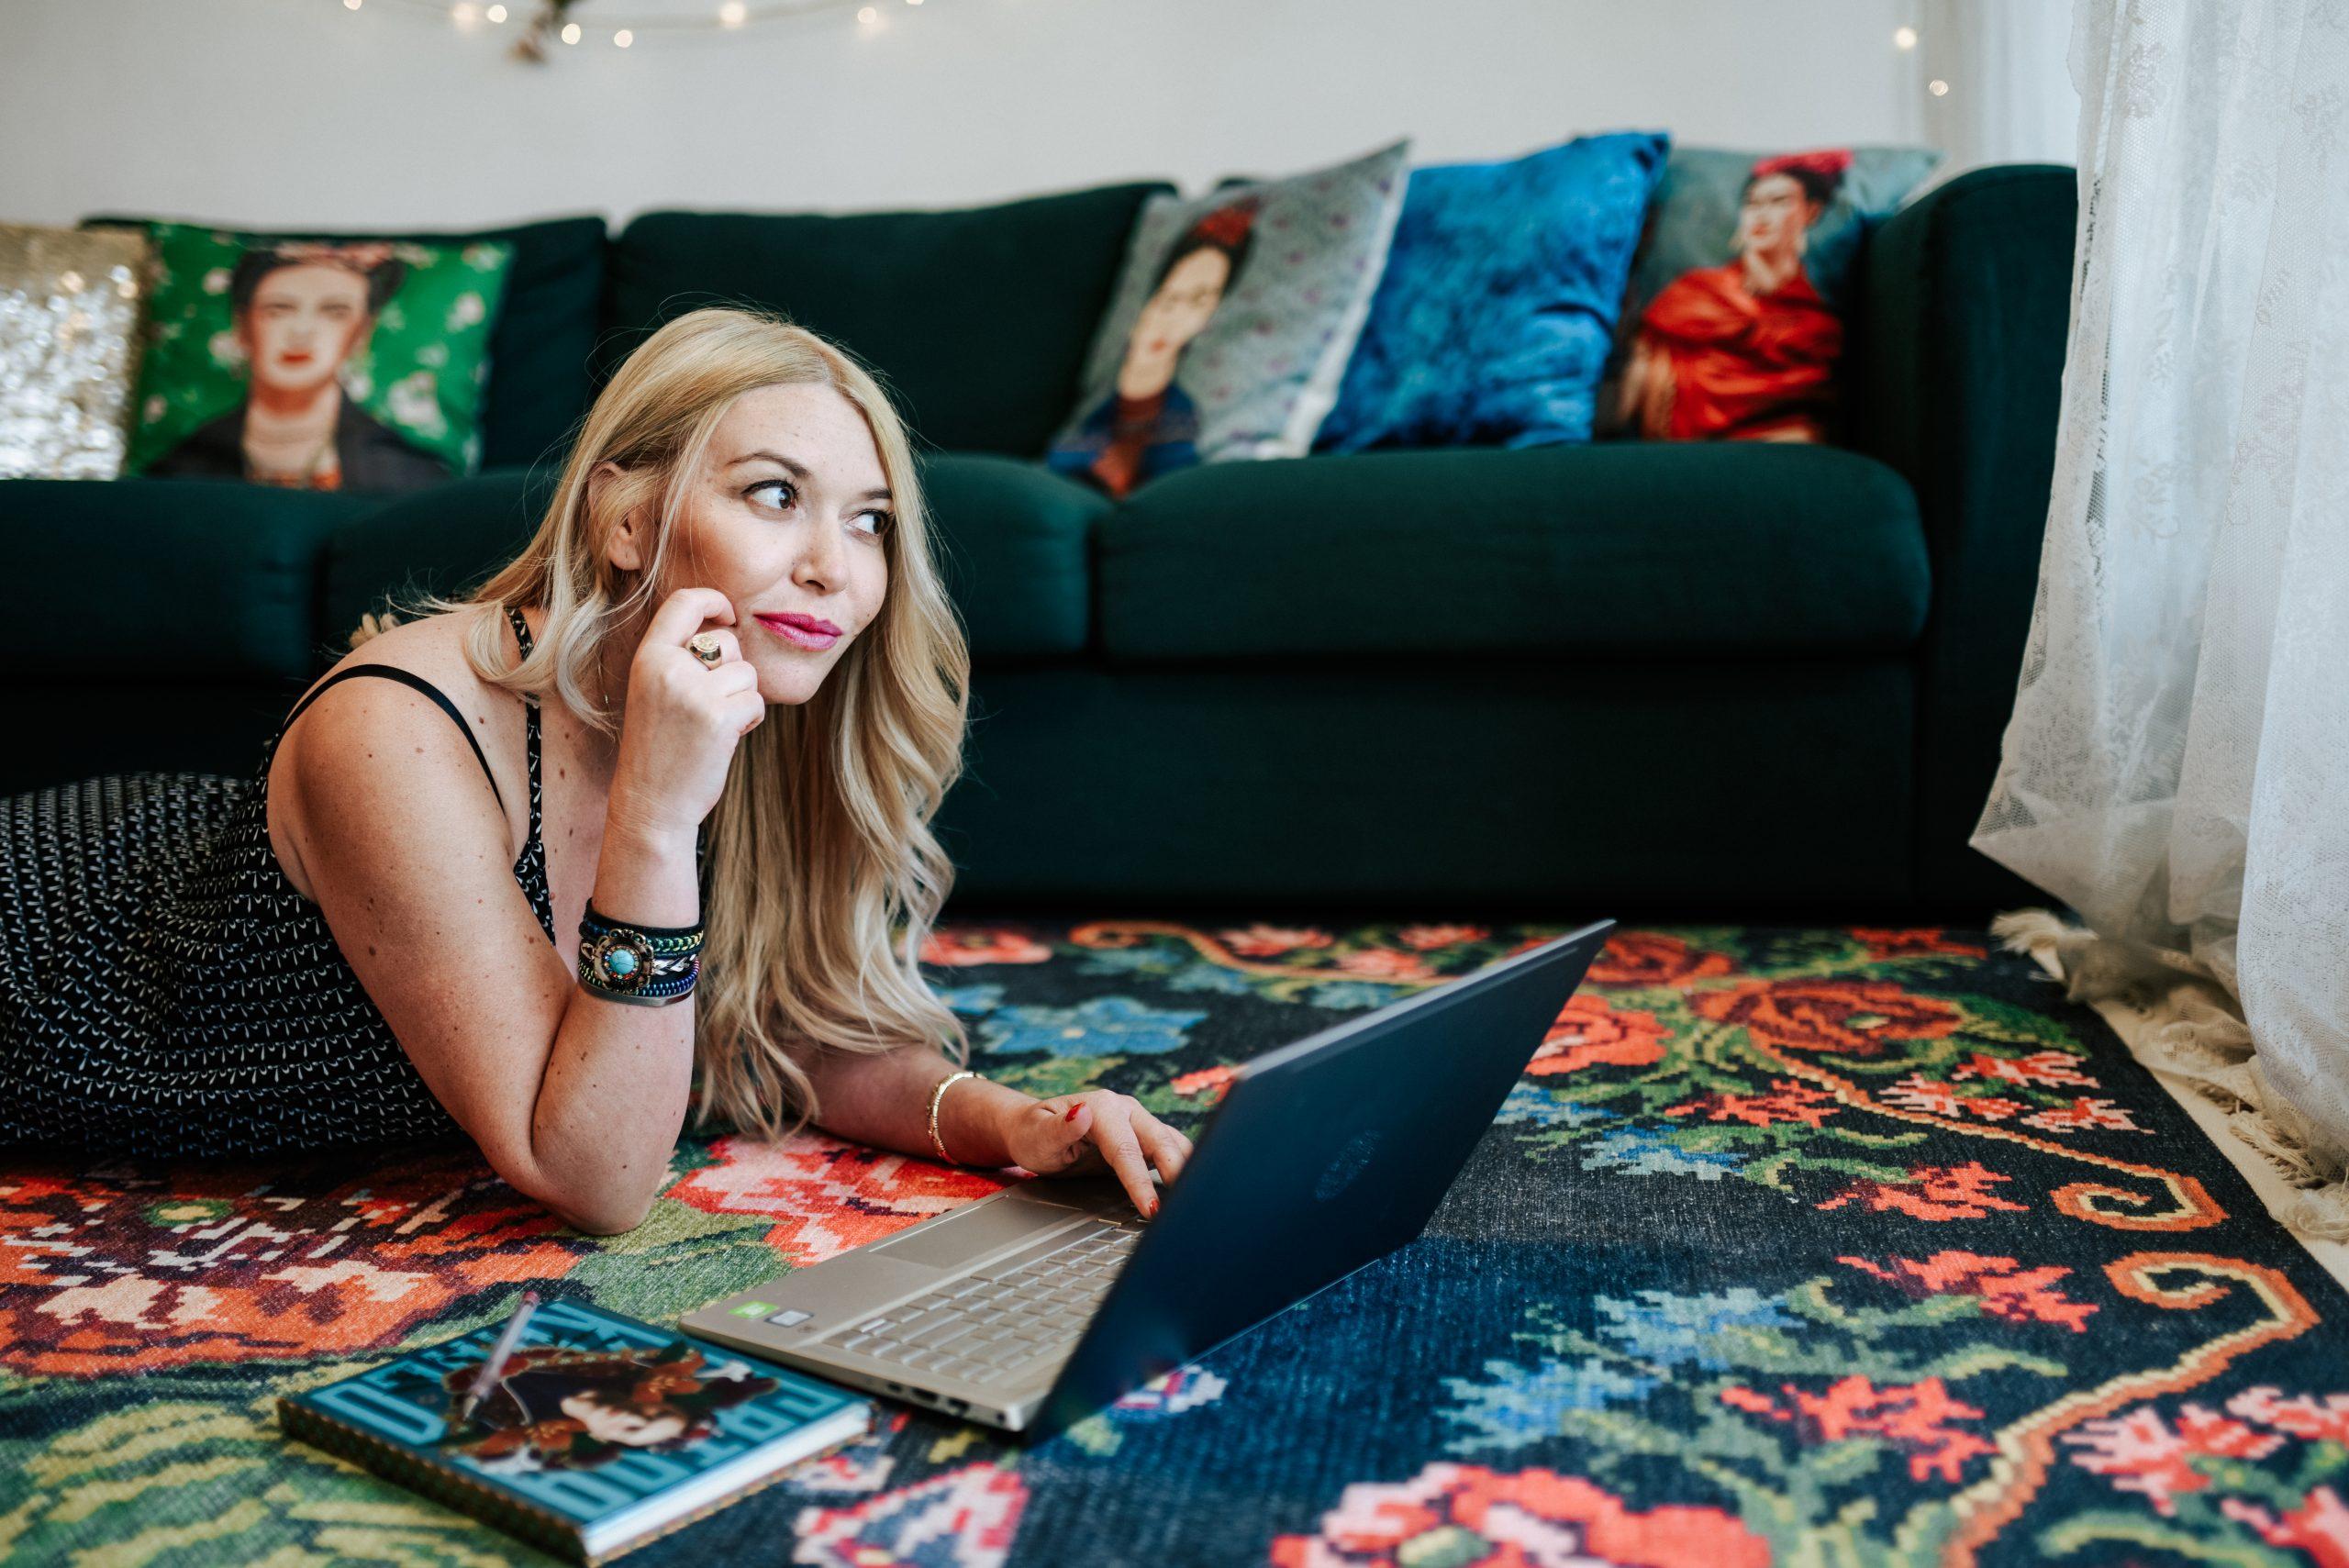 דנה לוי אלגרוד שוכבת על שטיח צבעוני ולידה מחשב נייד